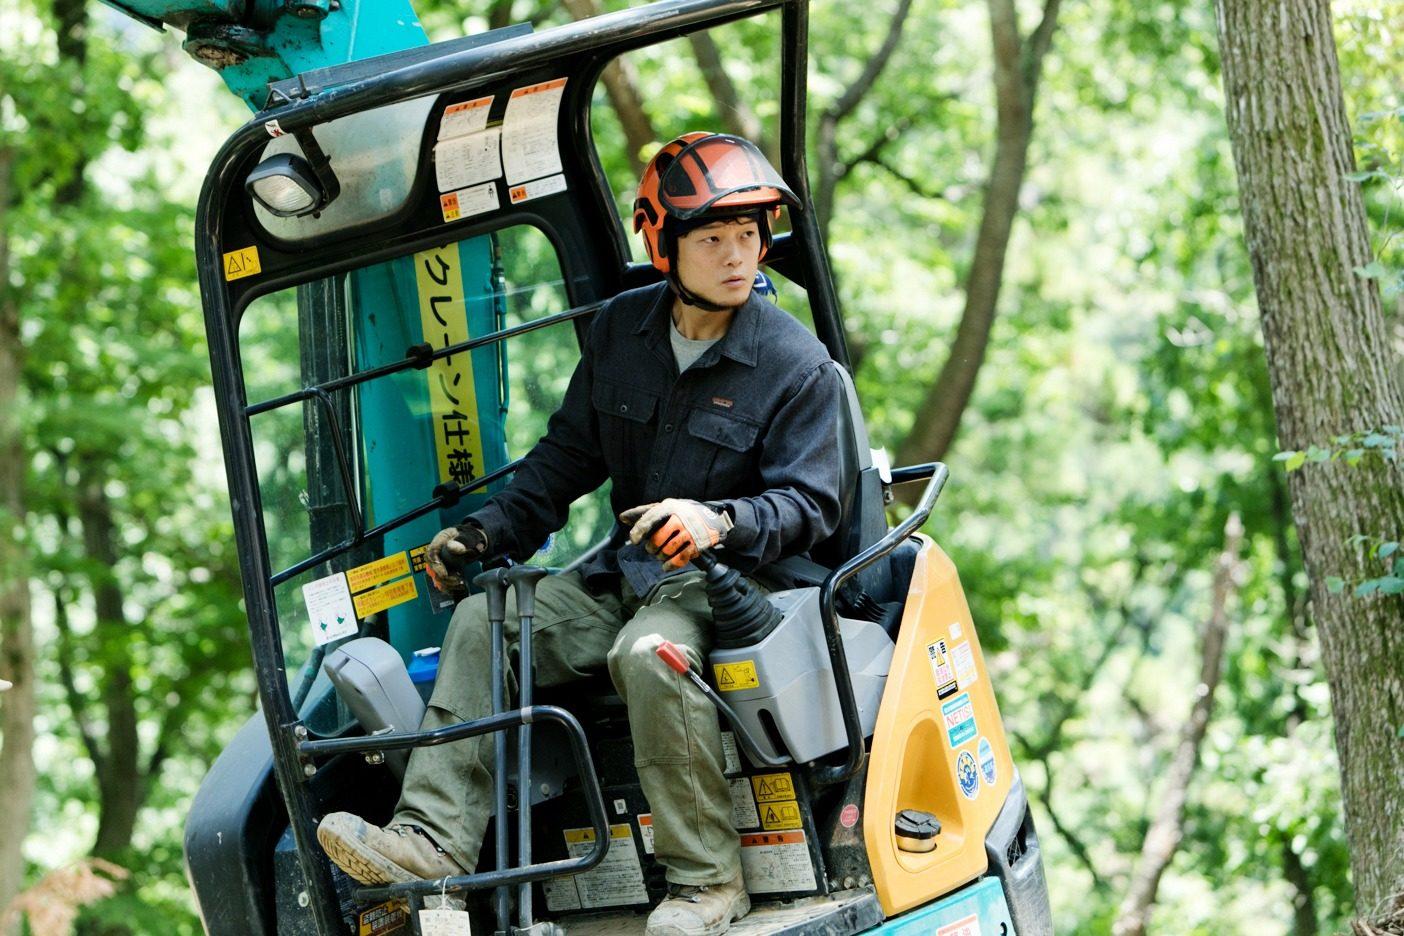 秋以降に行われる伐採・搬出作業に備え、重機が山に入れるよう作業道を造る。「東京チェンソーズ」では、自然になるべく負荷をかけない、ハイキングトレイルのような作業道づくりを行なっている。写真:五十嵐 一晴